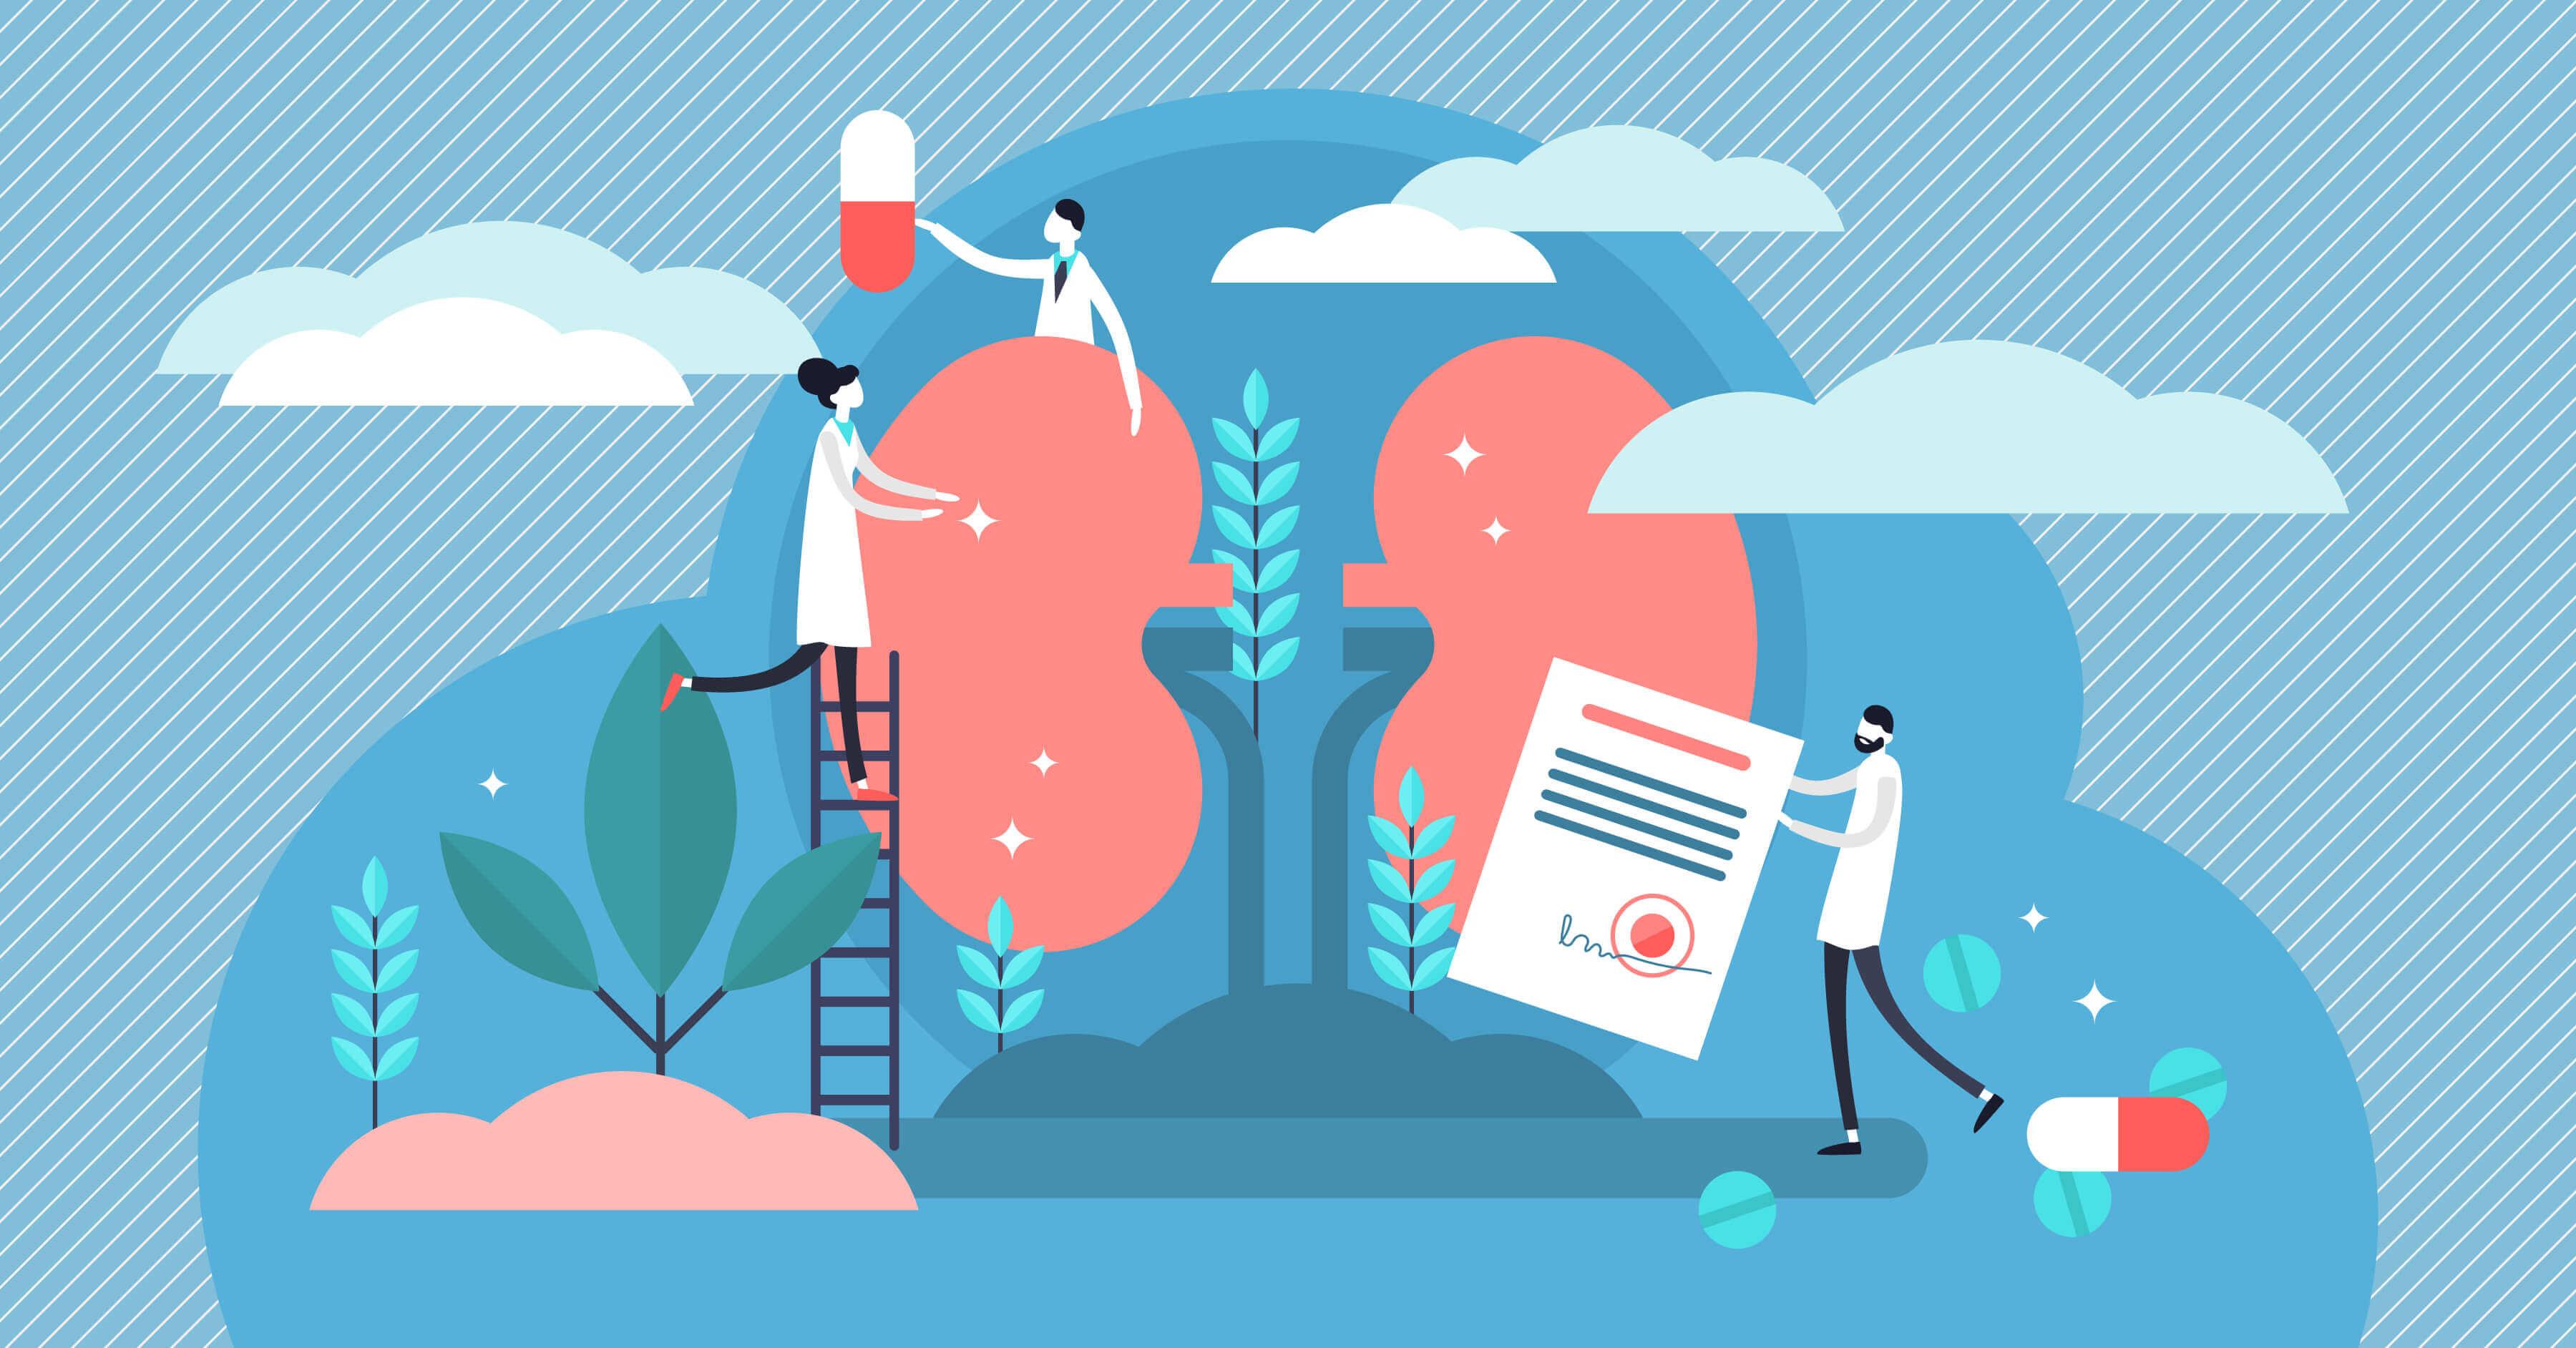 洗腎原因:慢性腎臟病導致